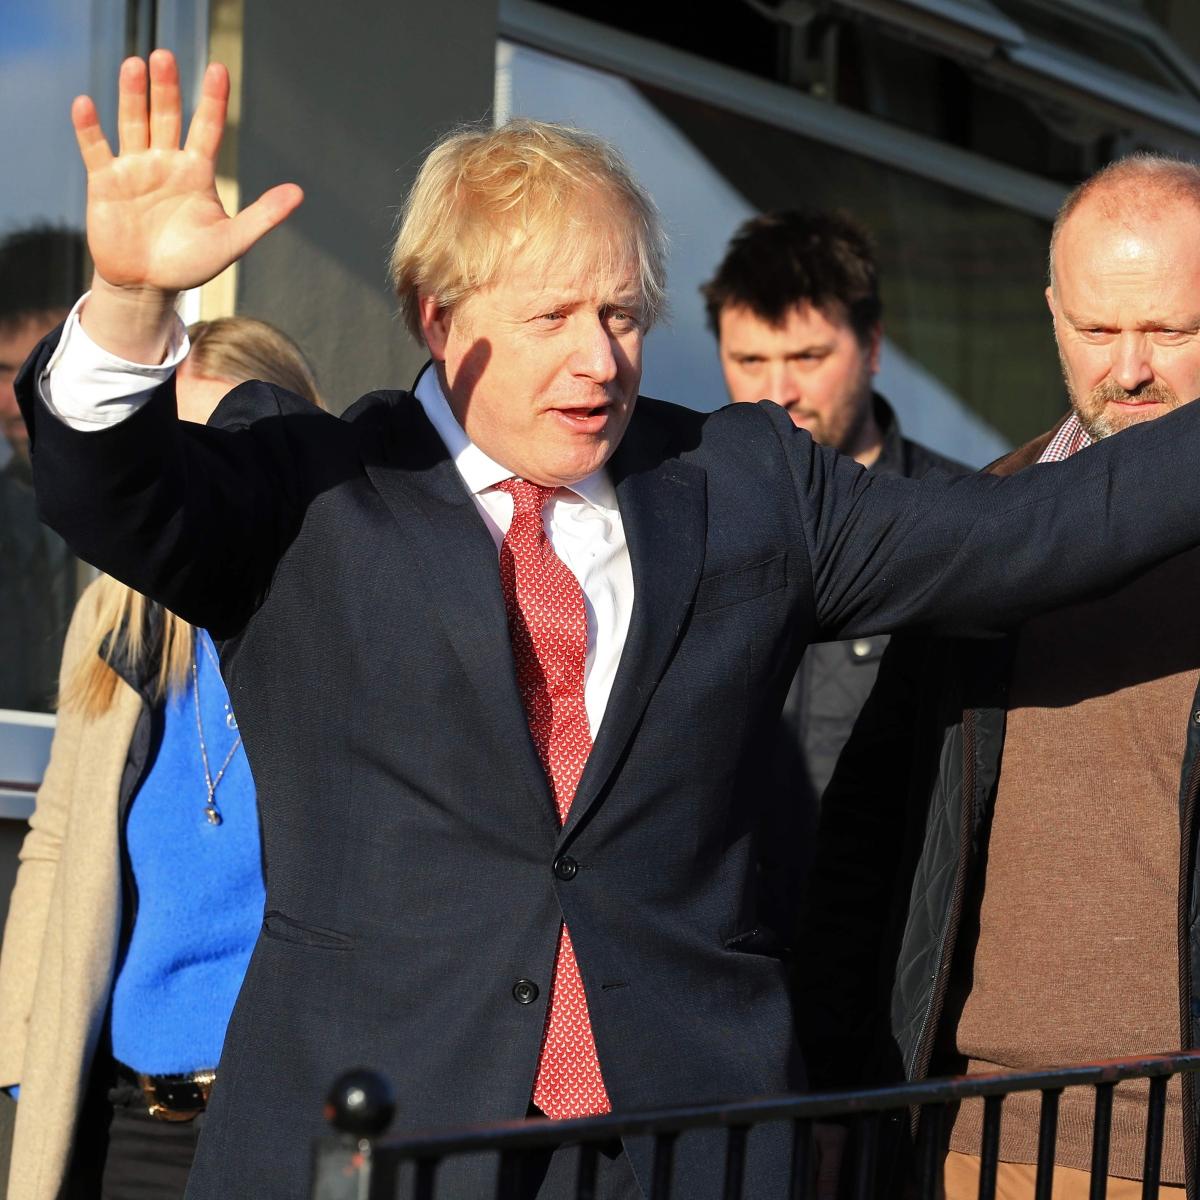 Coronavirus Update: Boris Johnson is stable in ICU